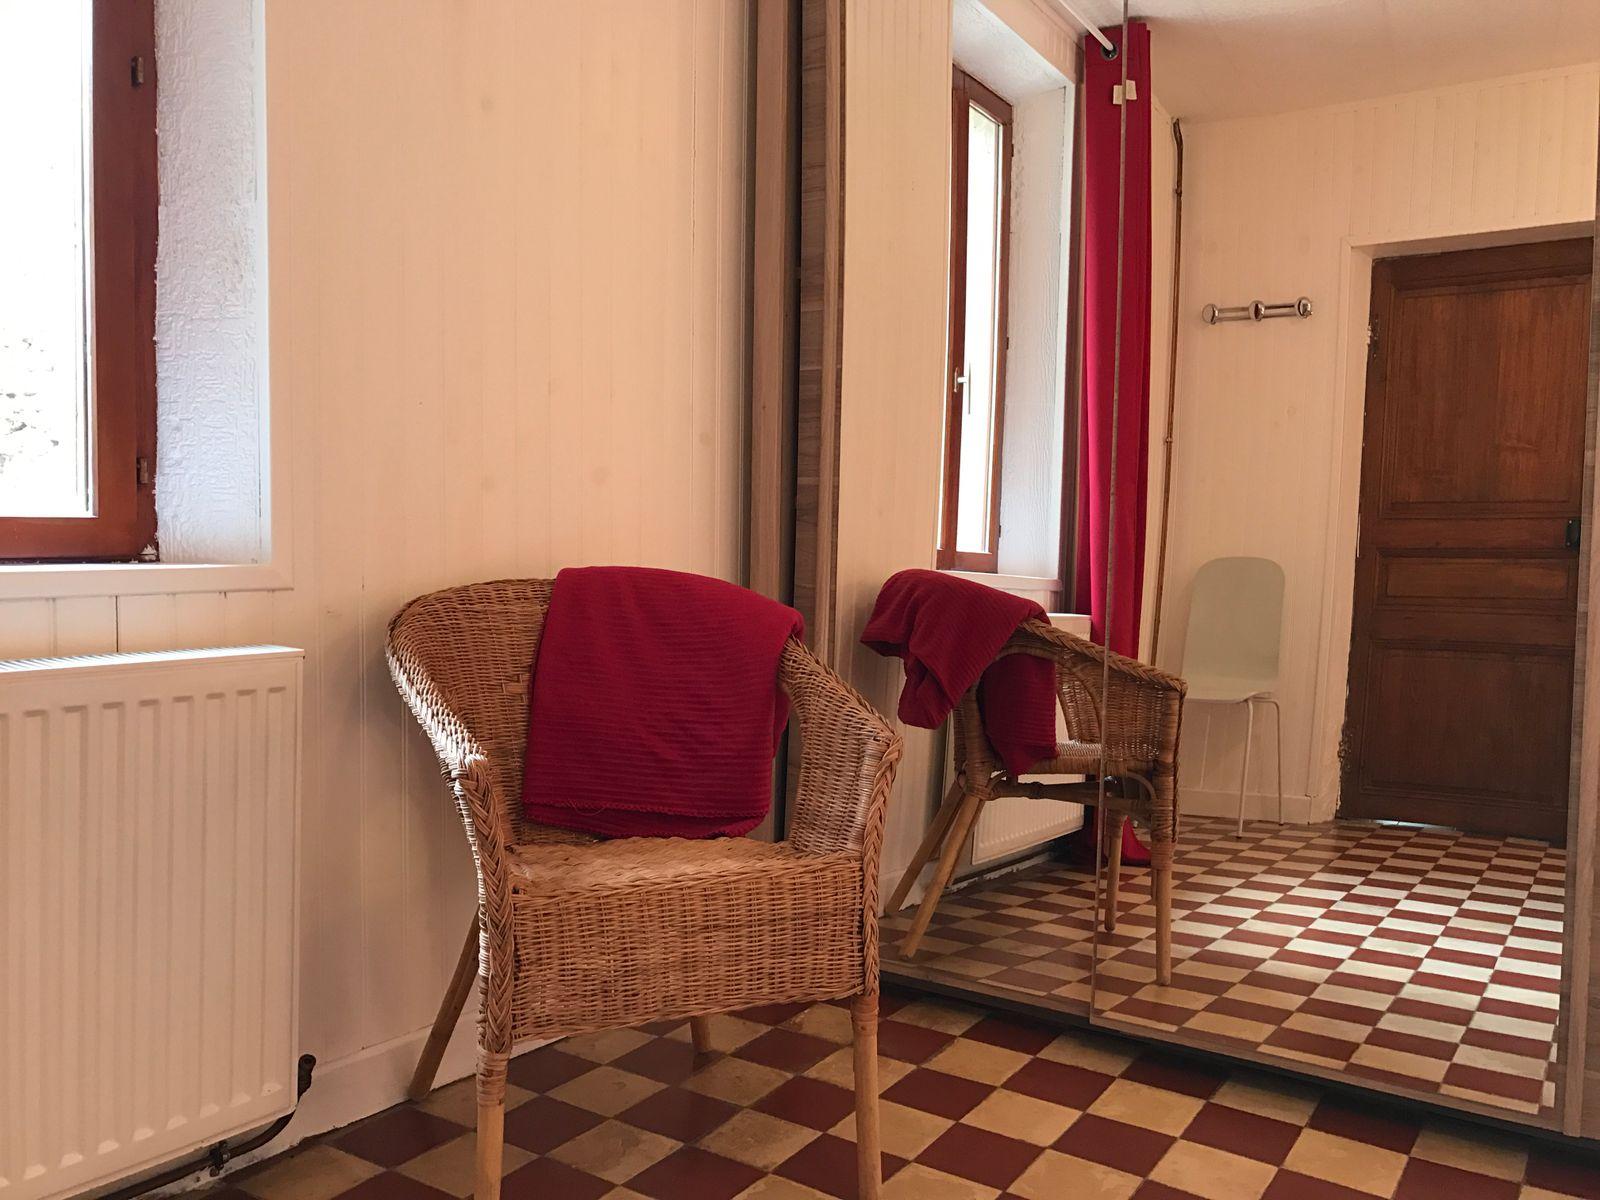 51G472 - La maison du vigneron - Vincelles - Gîtes de France Marne